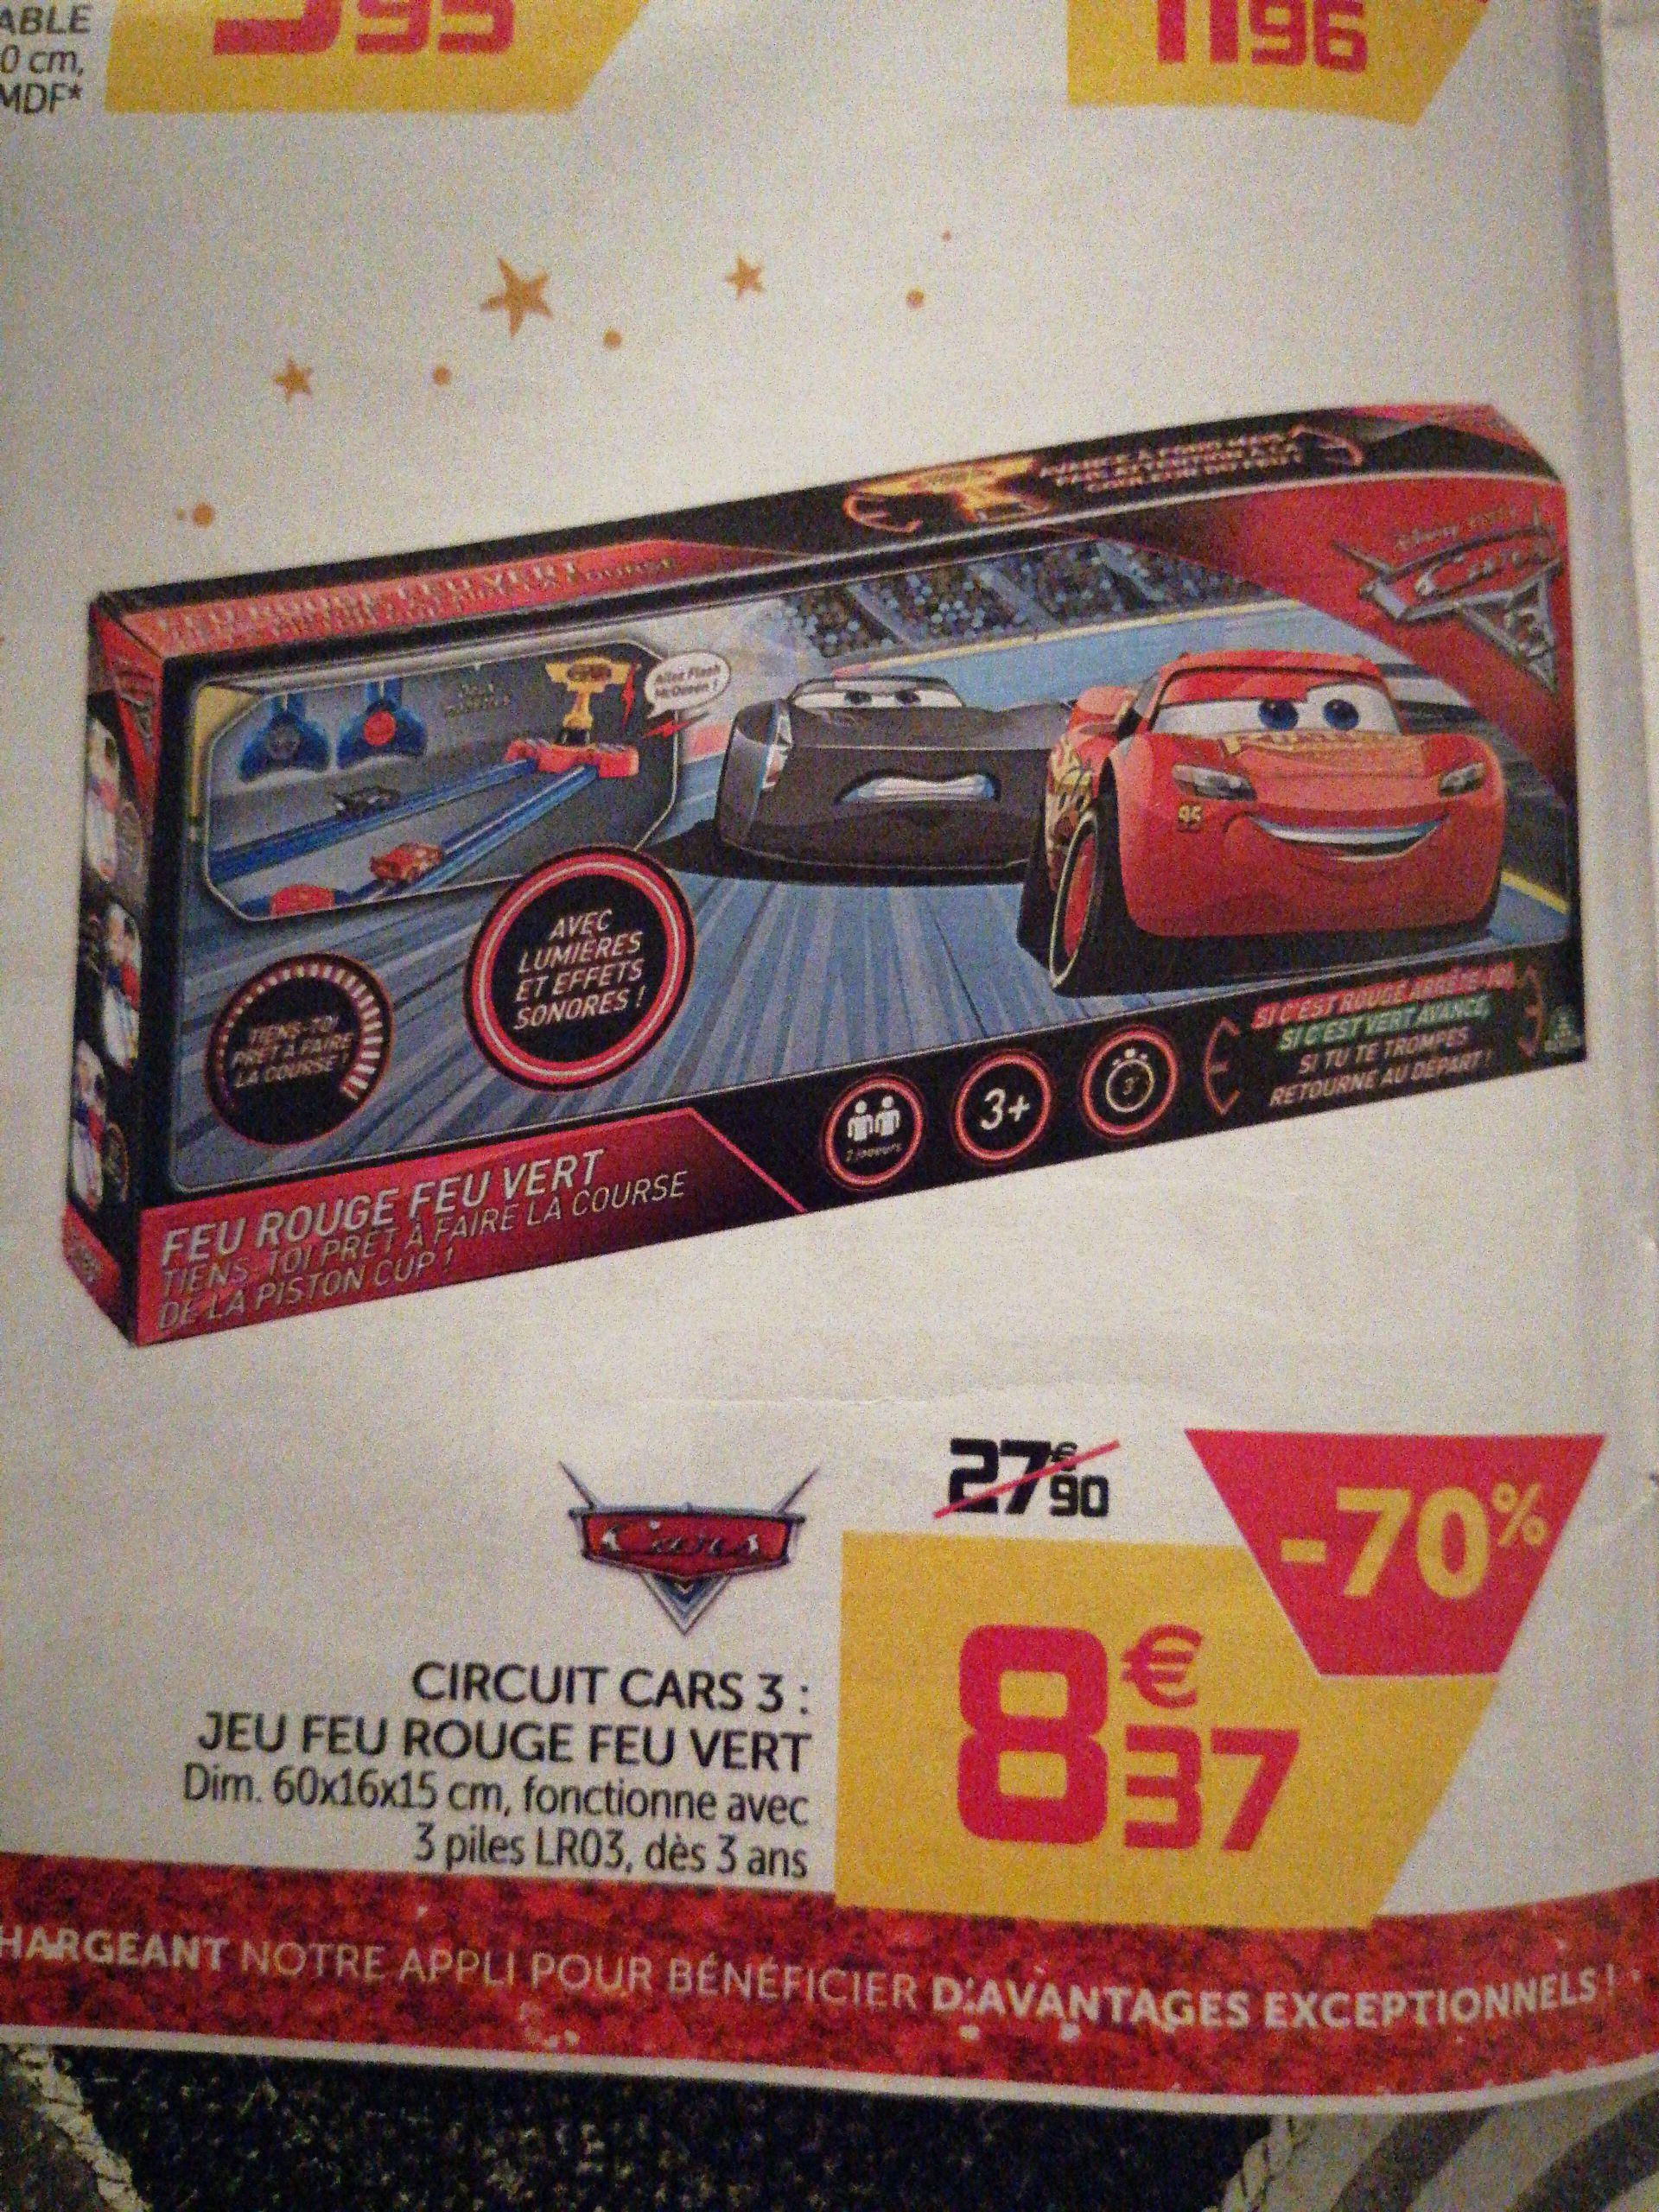 Sélection de jouets en promotion - Ex : Jouet Circuit cars 3 Feu rouge Feu vert